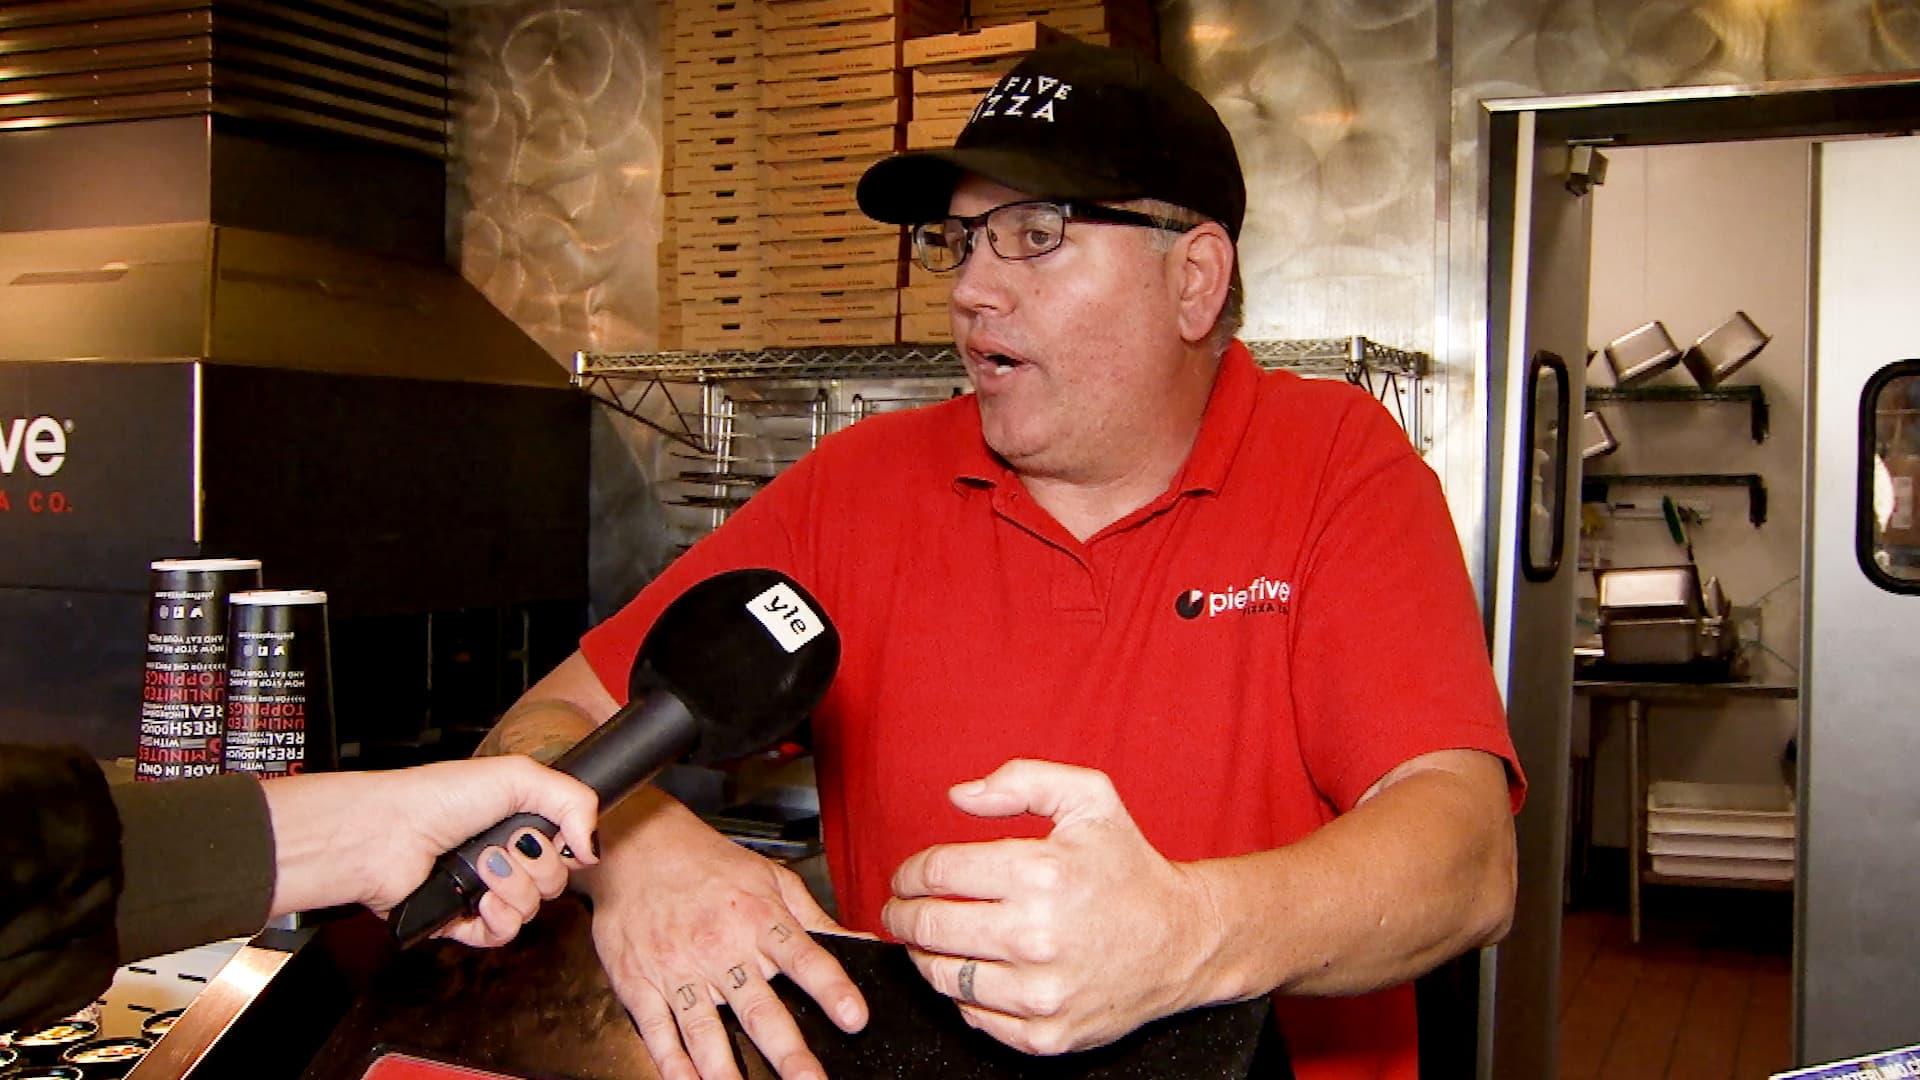 Mikset ryhtyisi yrittäjäksi ja tienaisi rahaa itsellesi, kysyy iowalainen pizzayrittäjä Steve Roberts.